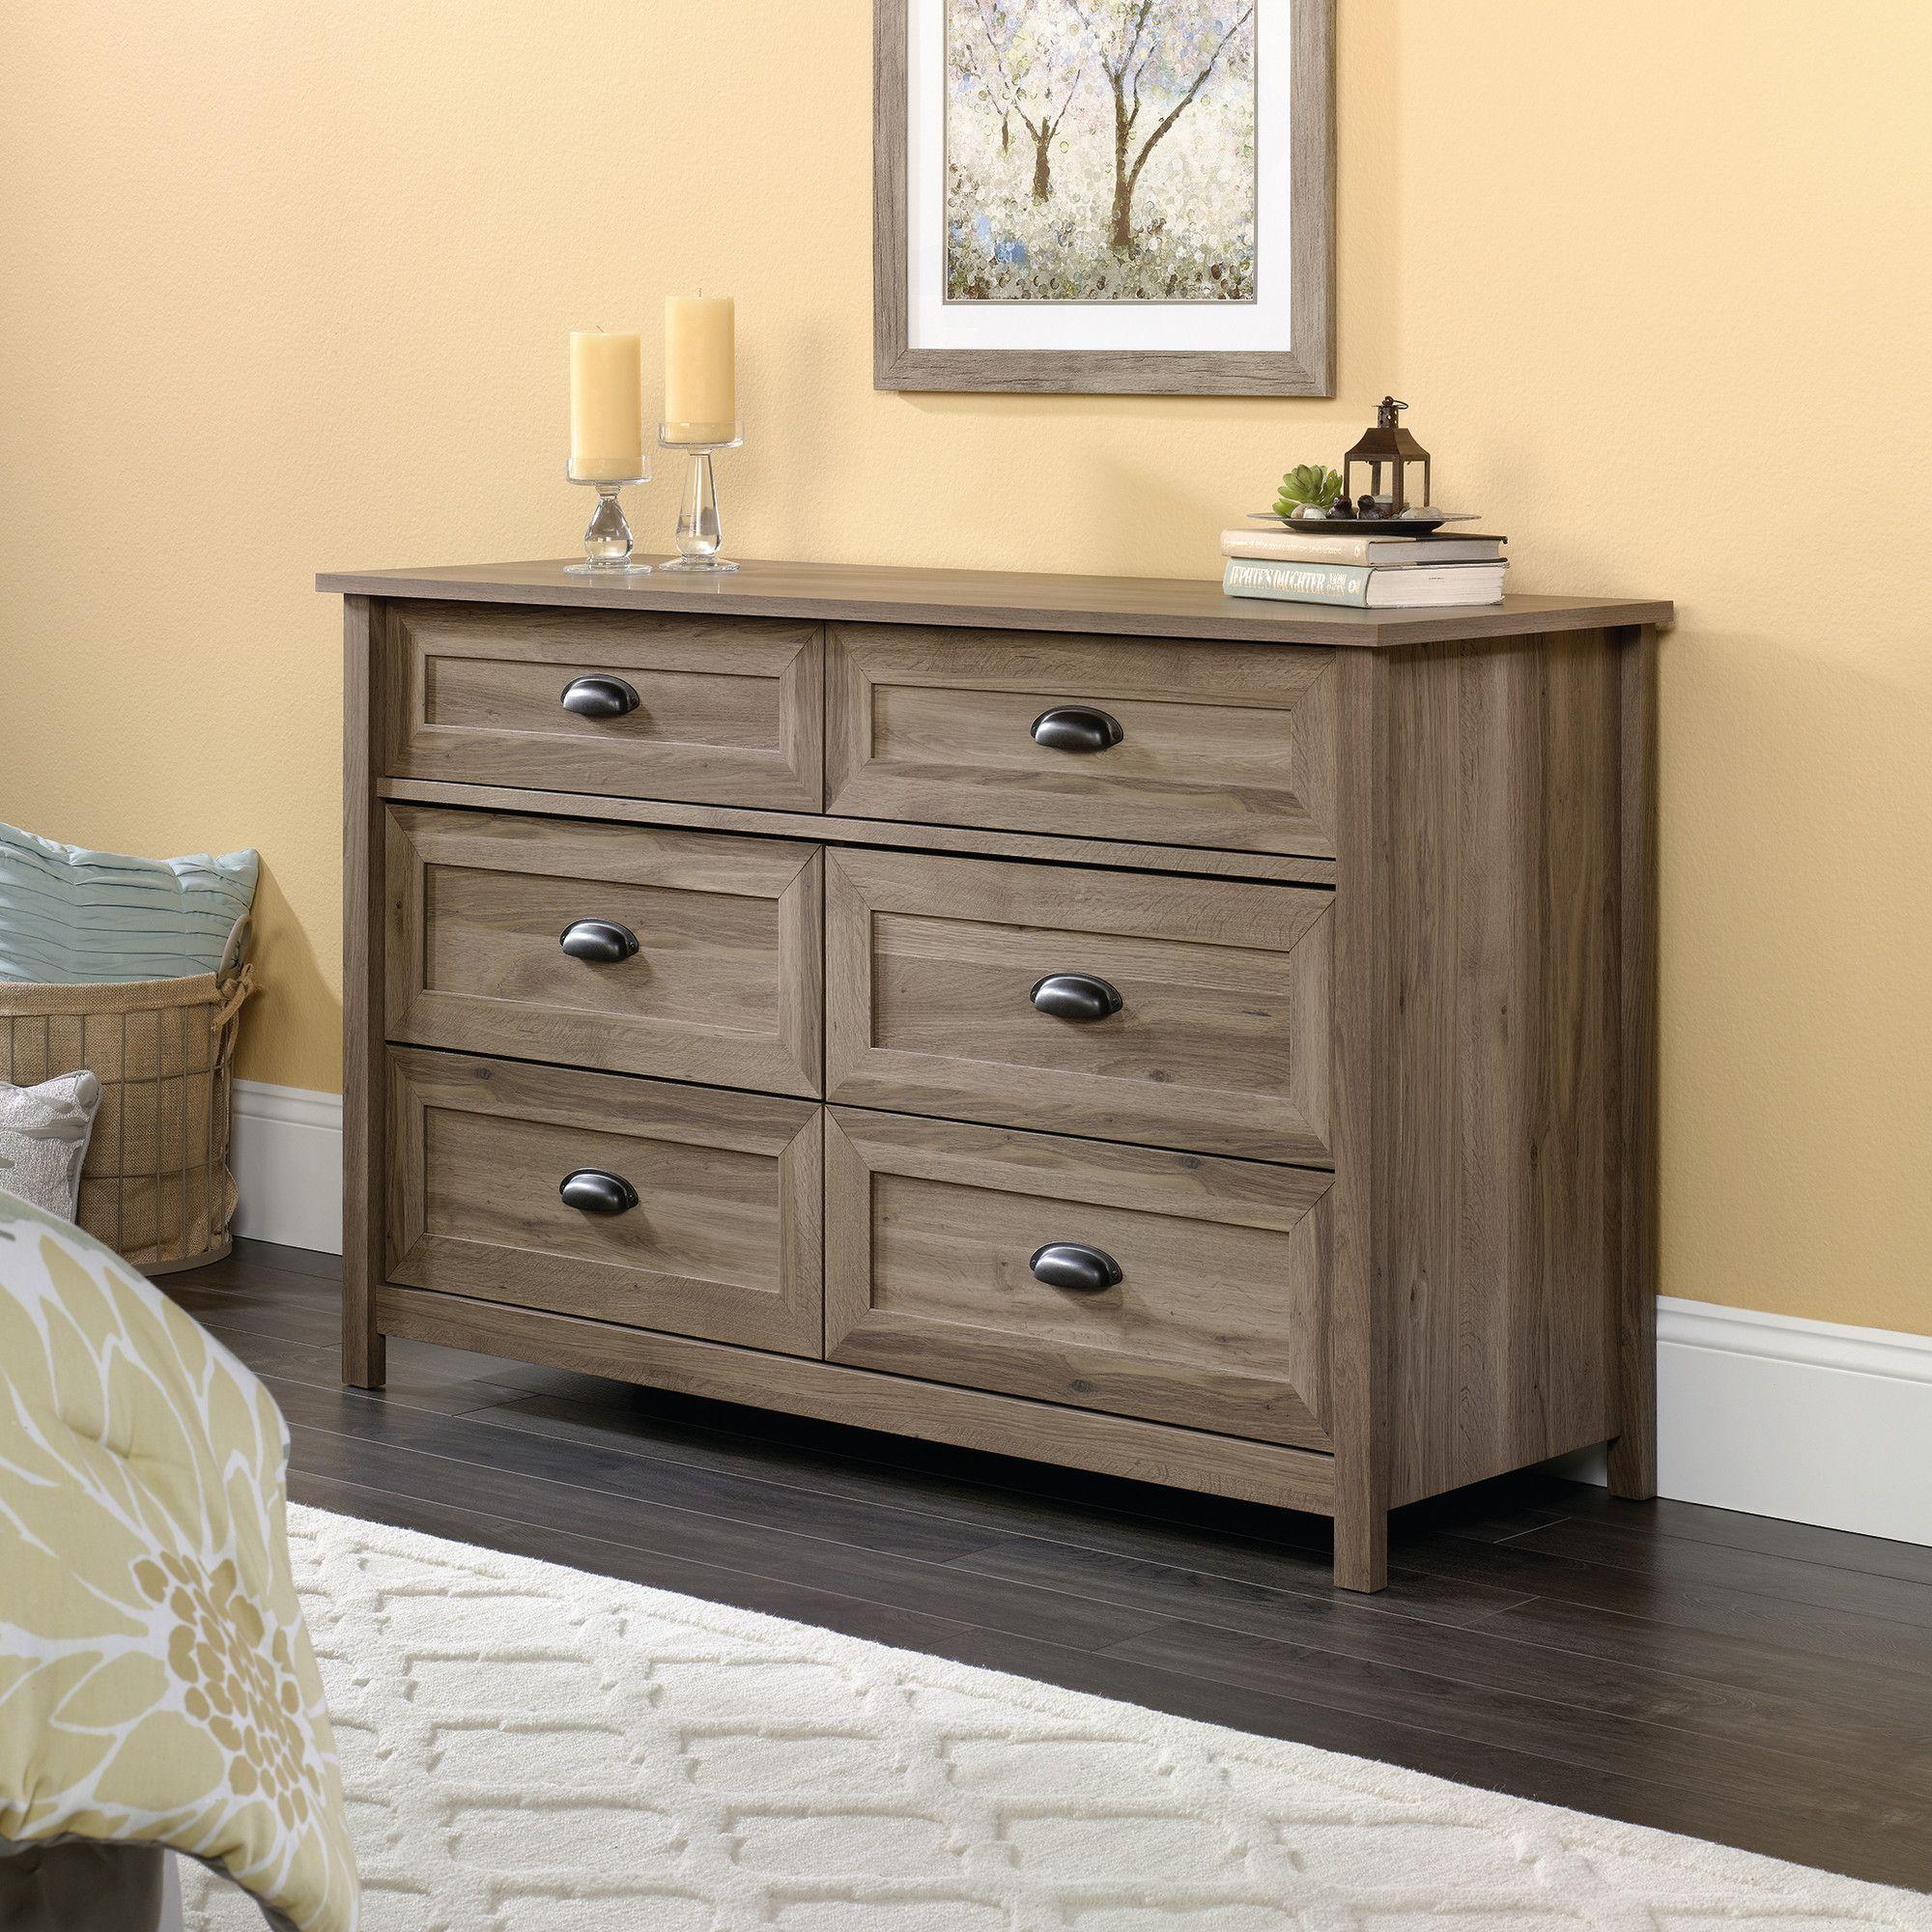 Andover Mills Robin 6 Drawer Dresser 6 Drawer Dresser Dresser Drawers Furniture [ 2000 x 2000 Pixel ]